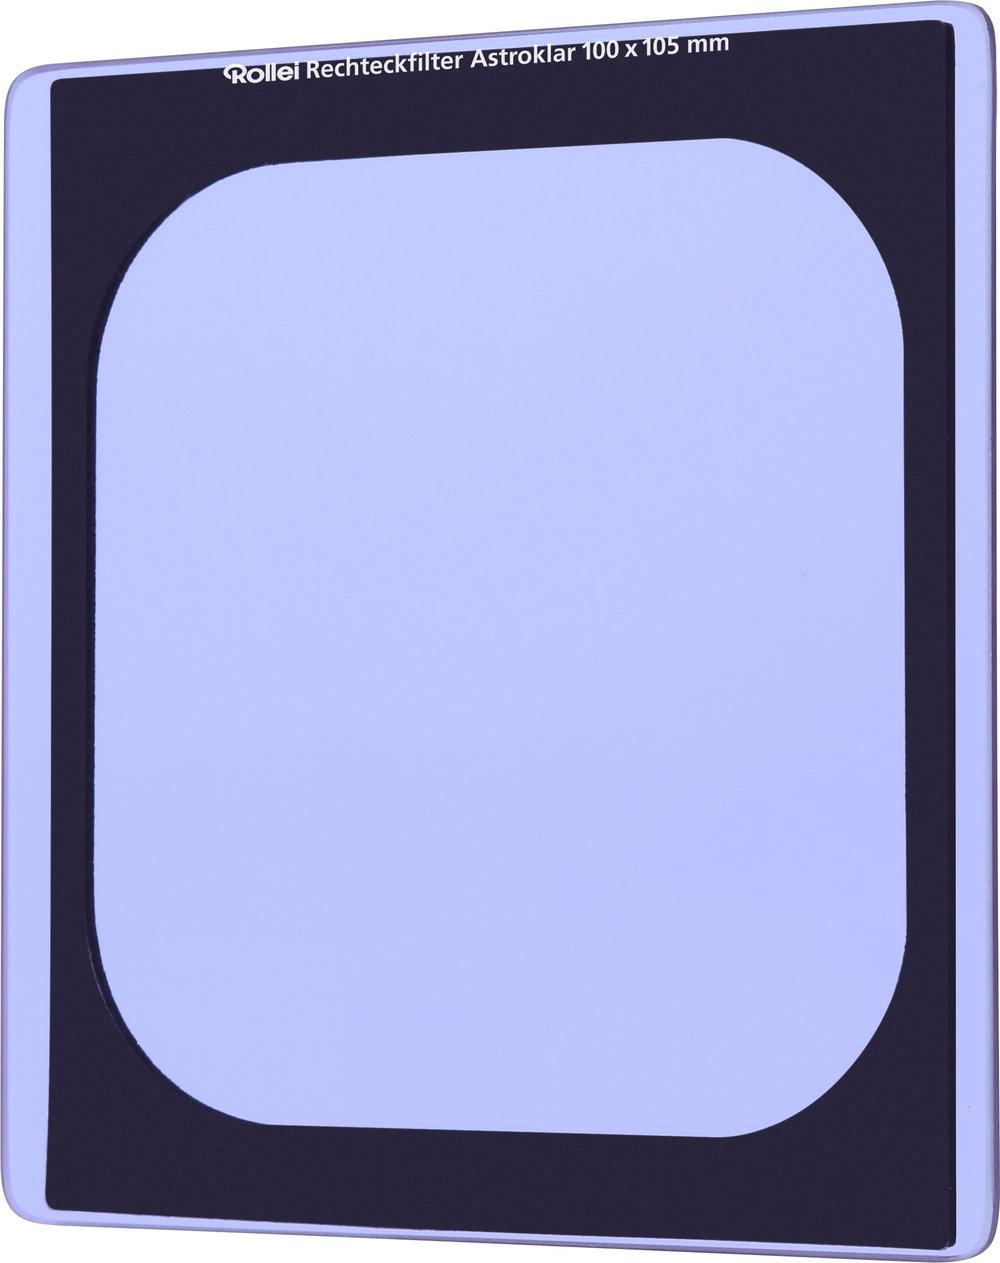 01_Rollei Astroklar Filter 100x105mm_schwarz.jpg